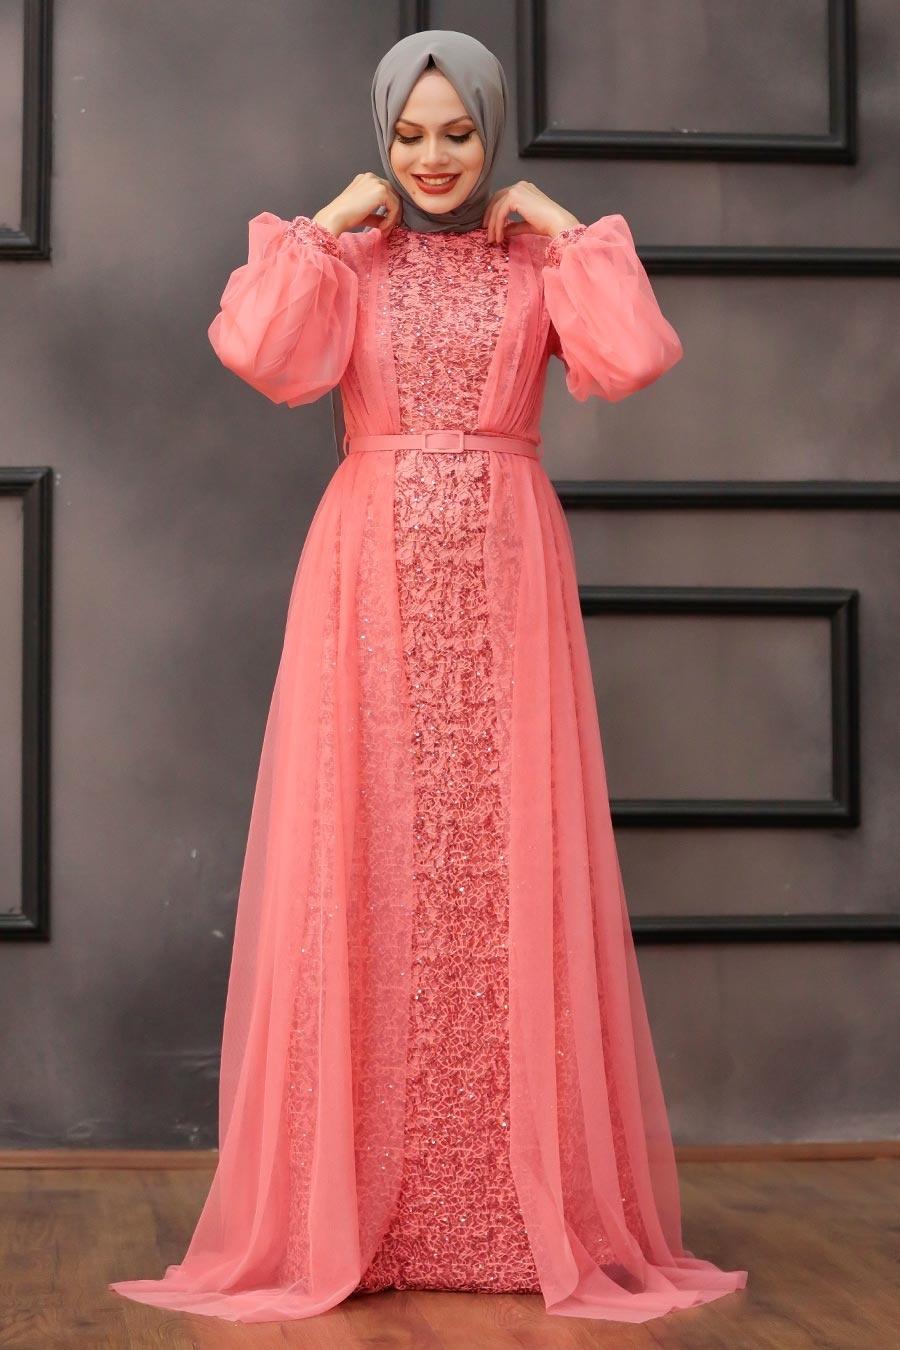 Tesettürlü Abiye Elbise - Pul Payetli Mercan Tesettür Abiye Elbise 5383MR